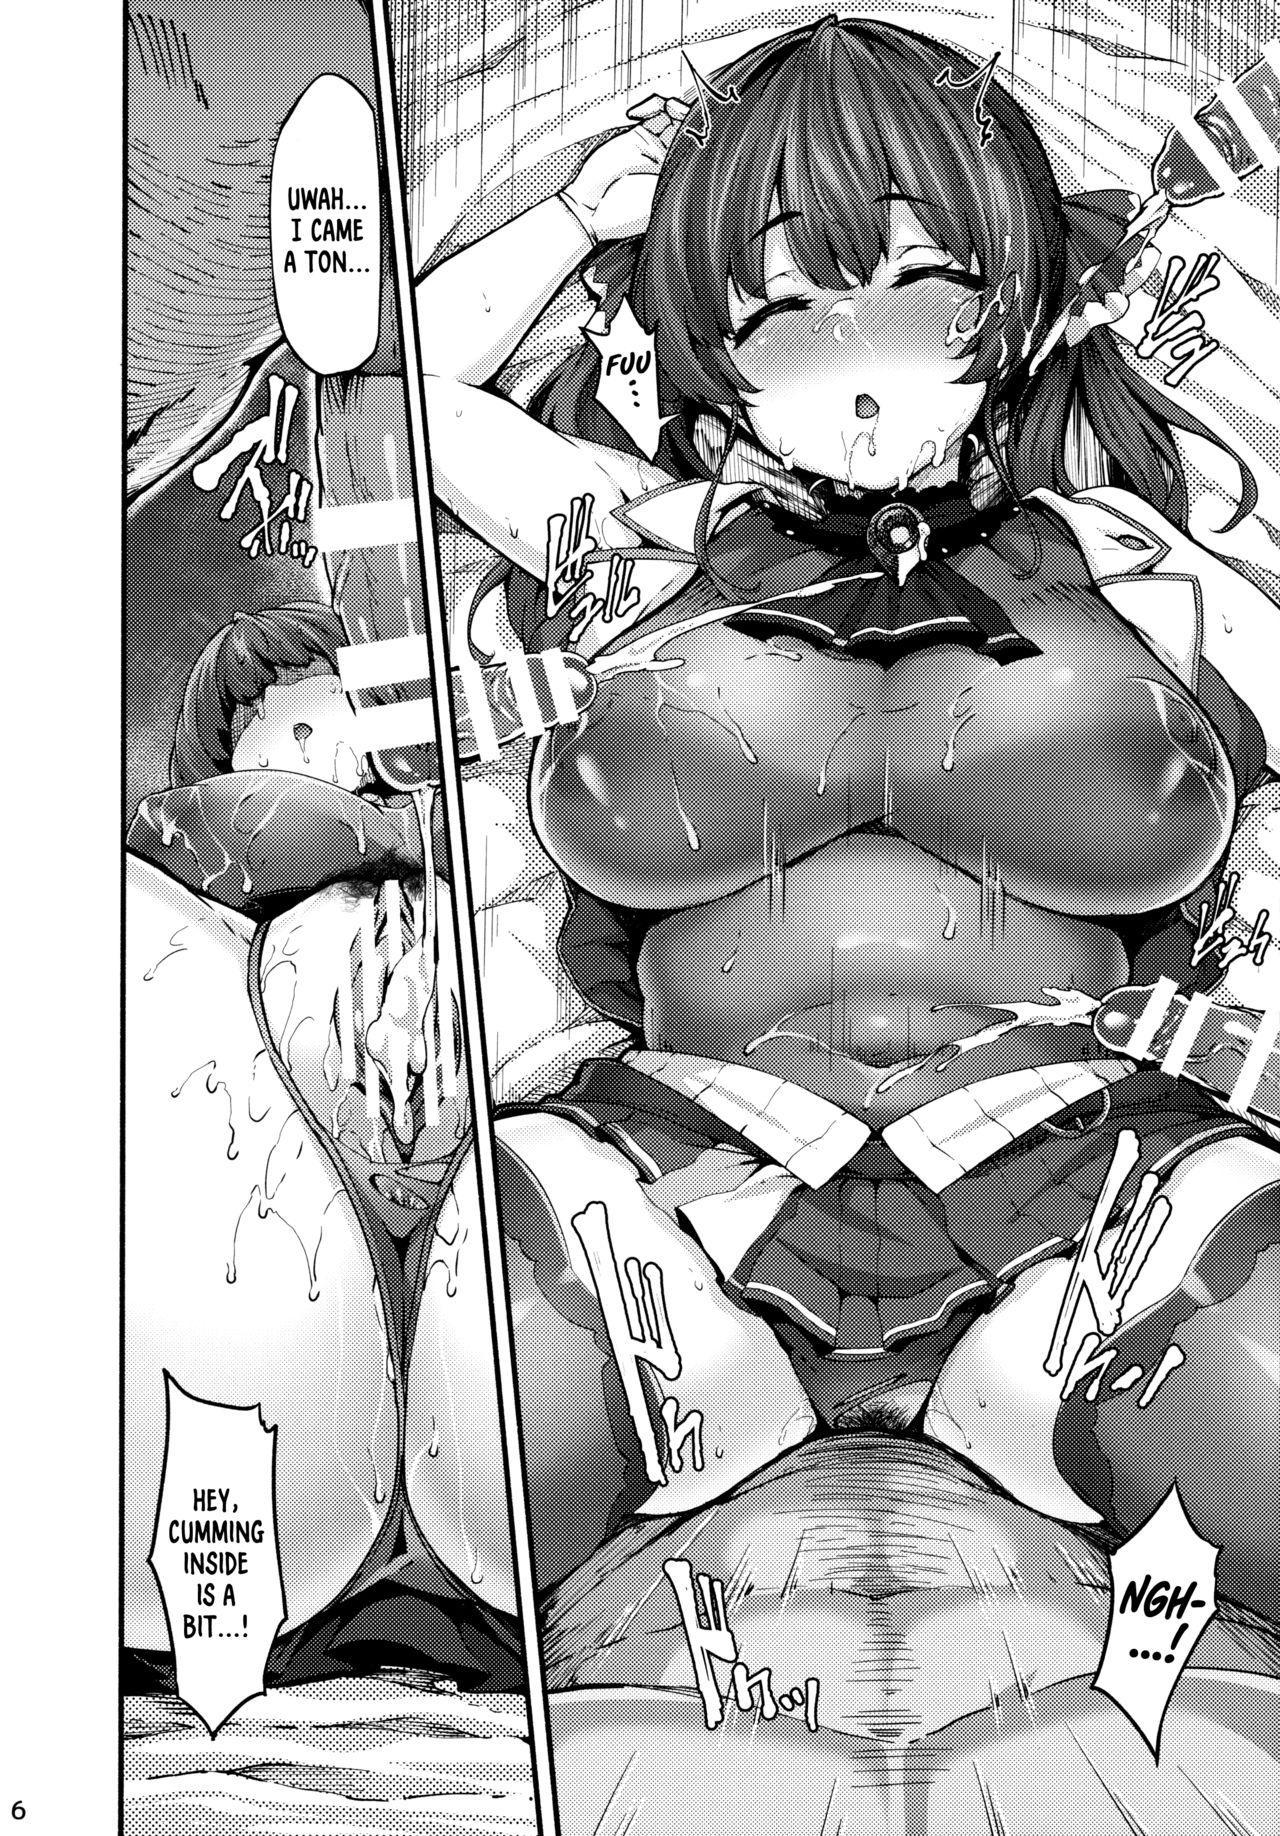 (Akihabara Chou Doujinsai) [LAMINARIA (Shiokonbu)] Kimi-tachii Senchou to Off-pako Shitain desu kaa | You Guys~! Do You Wanna Have Offline Sex With Senchou? (Houshou Marine) [English] [Xzosk] 5